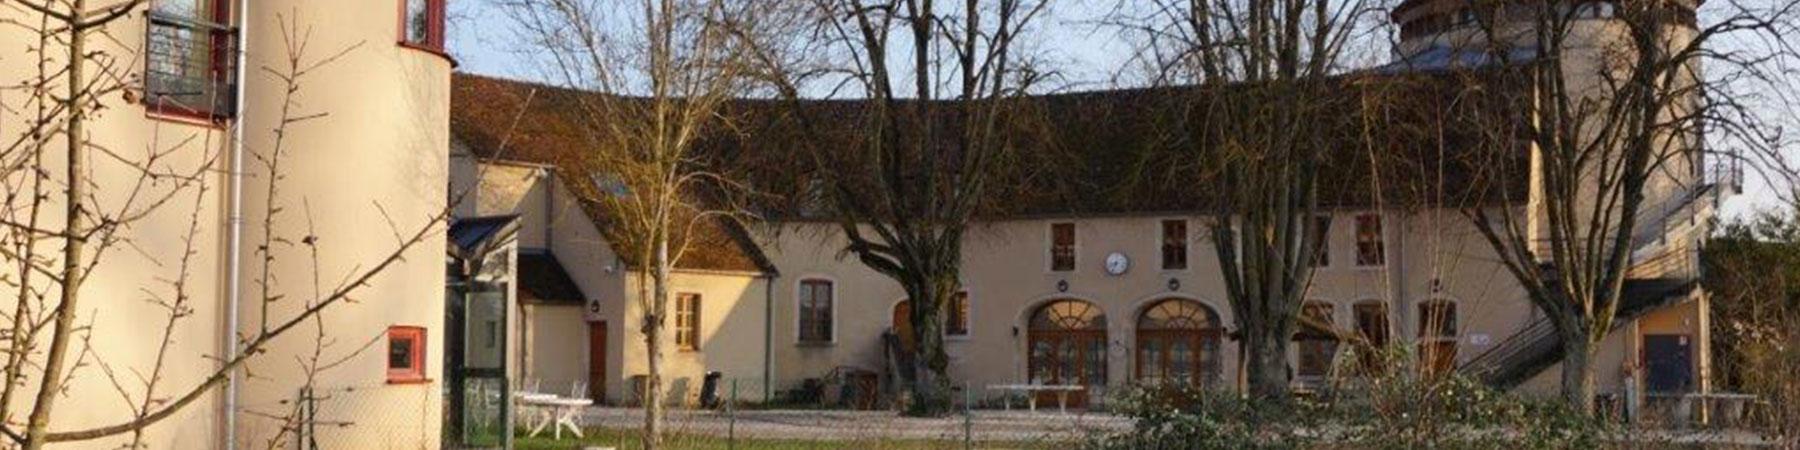 Mfv Location De Salles Hebergement Restauration Traiteur Mariage Seminaire Groupes Nuits Saint Georges Dijon Beaune 21 Cote D Or Bourgogne